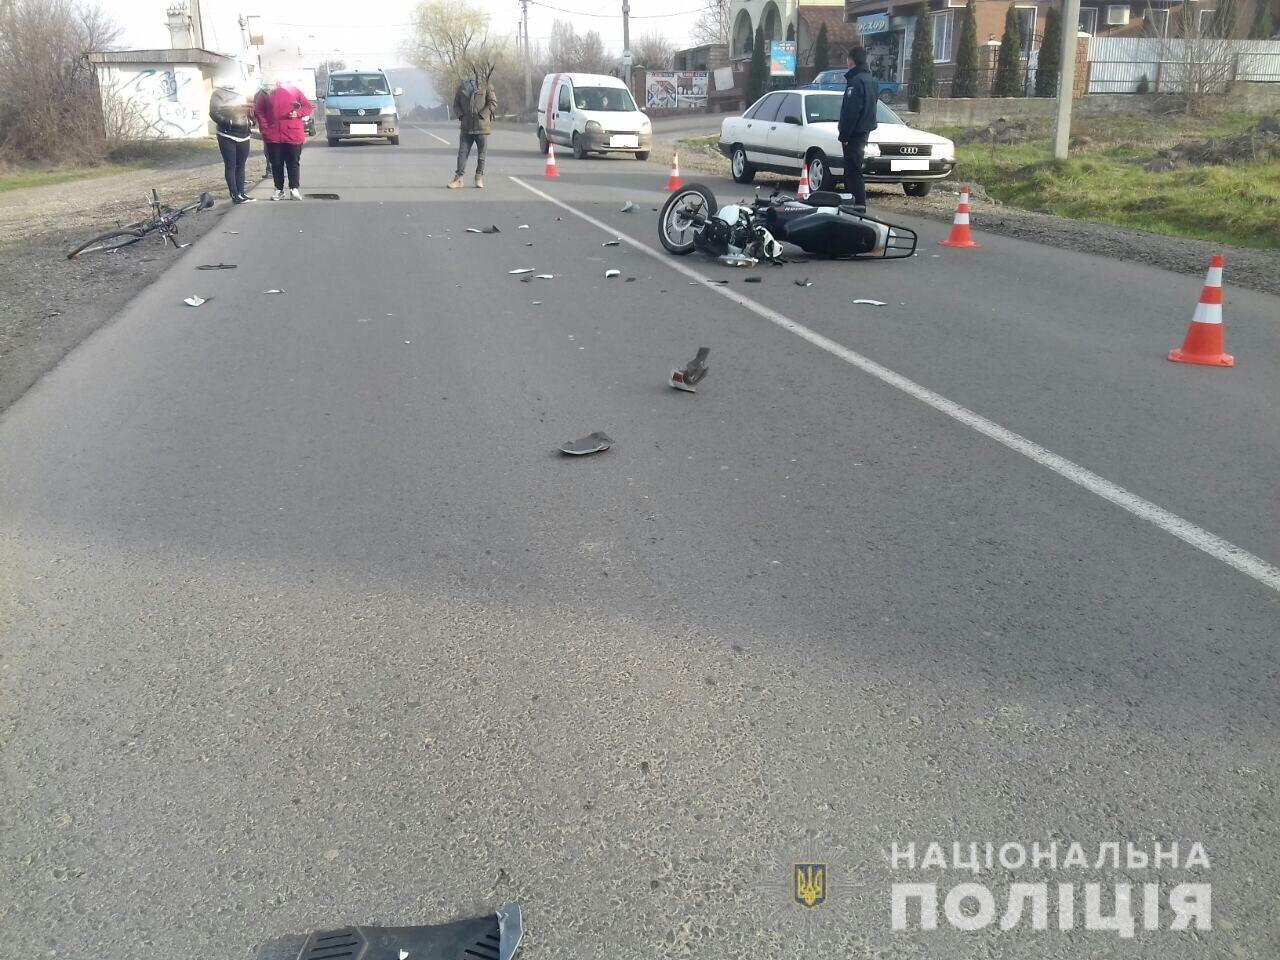 ДТП на Закарпатті: мотоцикл збив 15-річного велосипедиста. Юнак у лікарні (ФОТО), фото-1